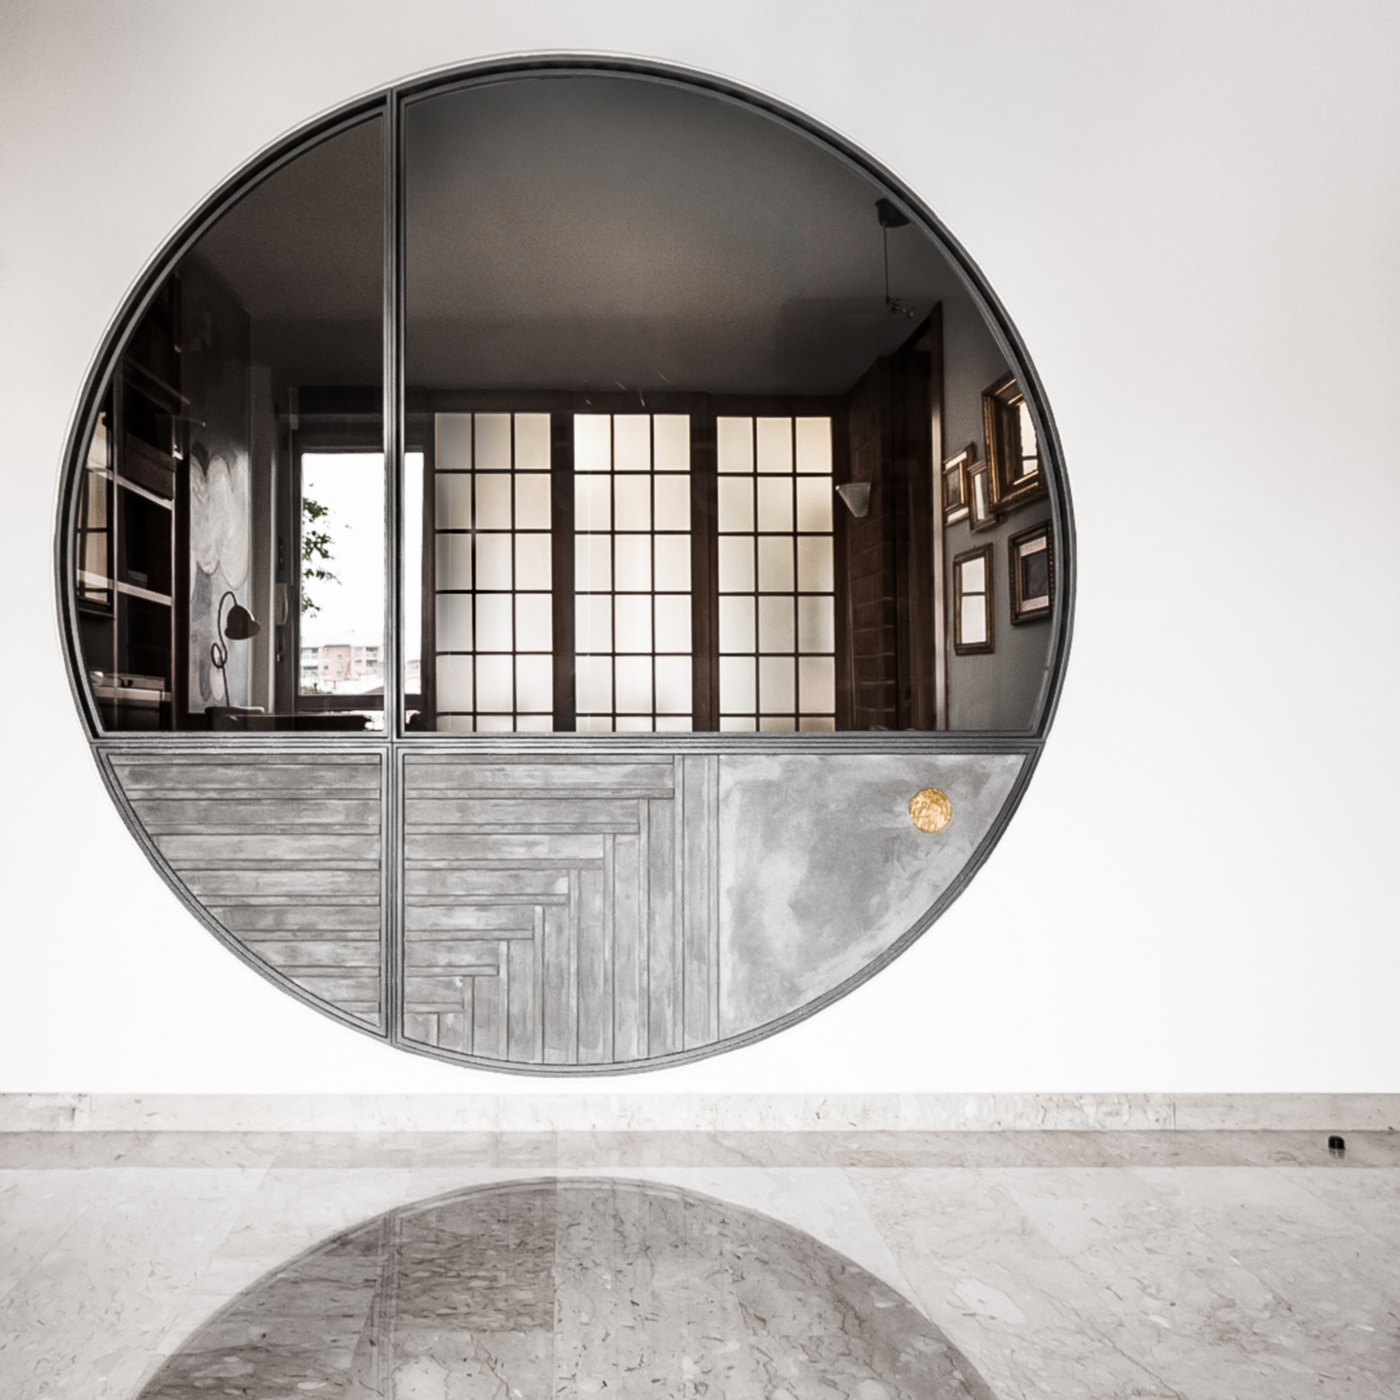 Trasformare una vetrata interna in un piccolo gioiello di interior design. Riflessi nel marmo, trasparenze e reminiscenze di shoji | Bottega di Architettura